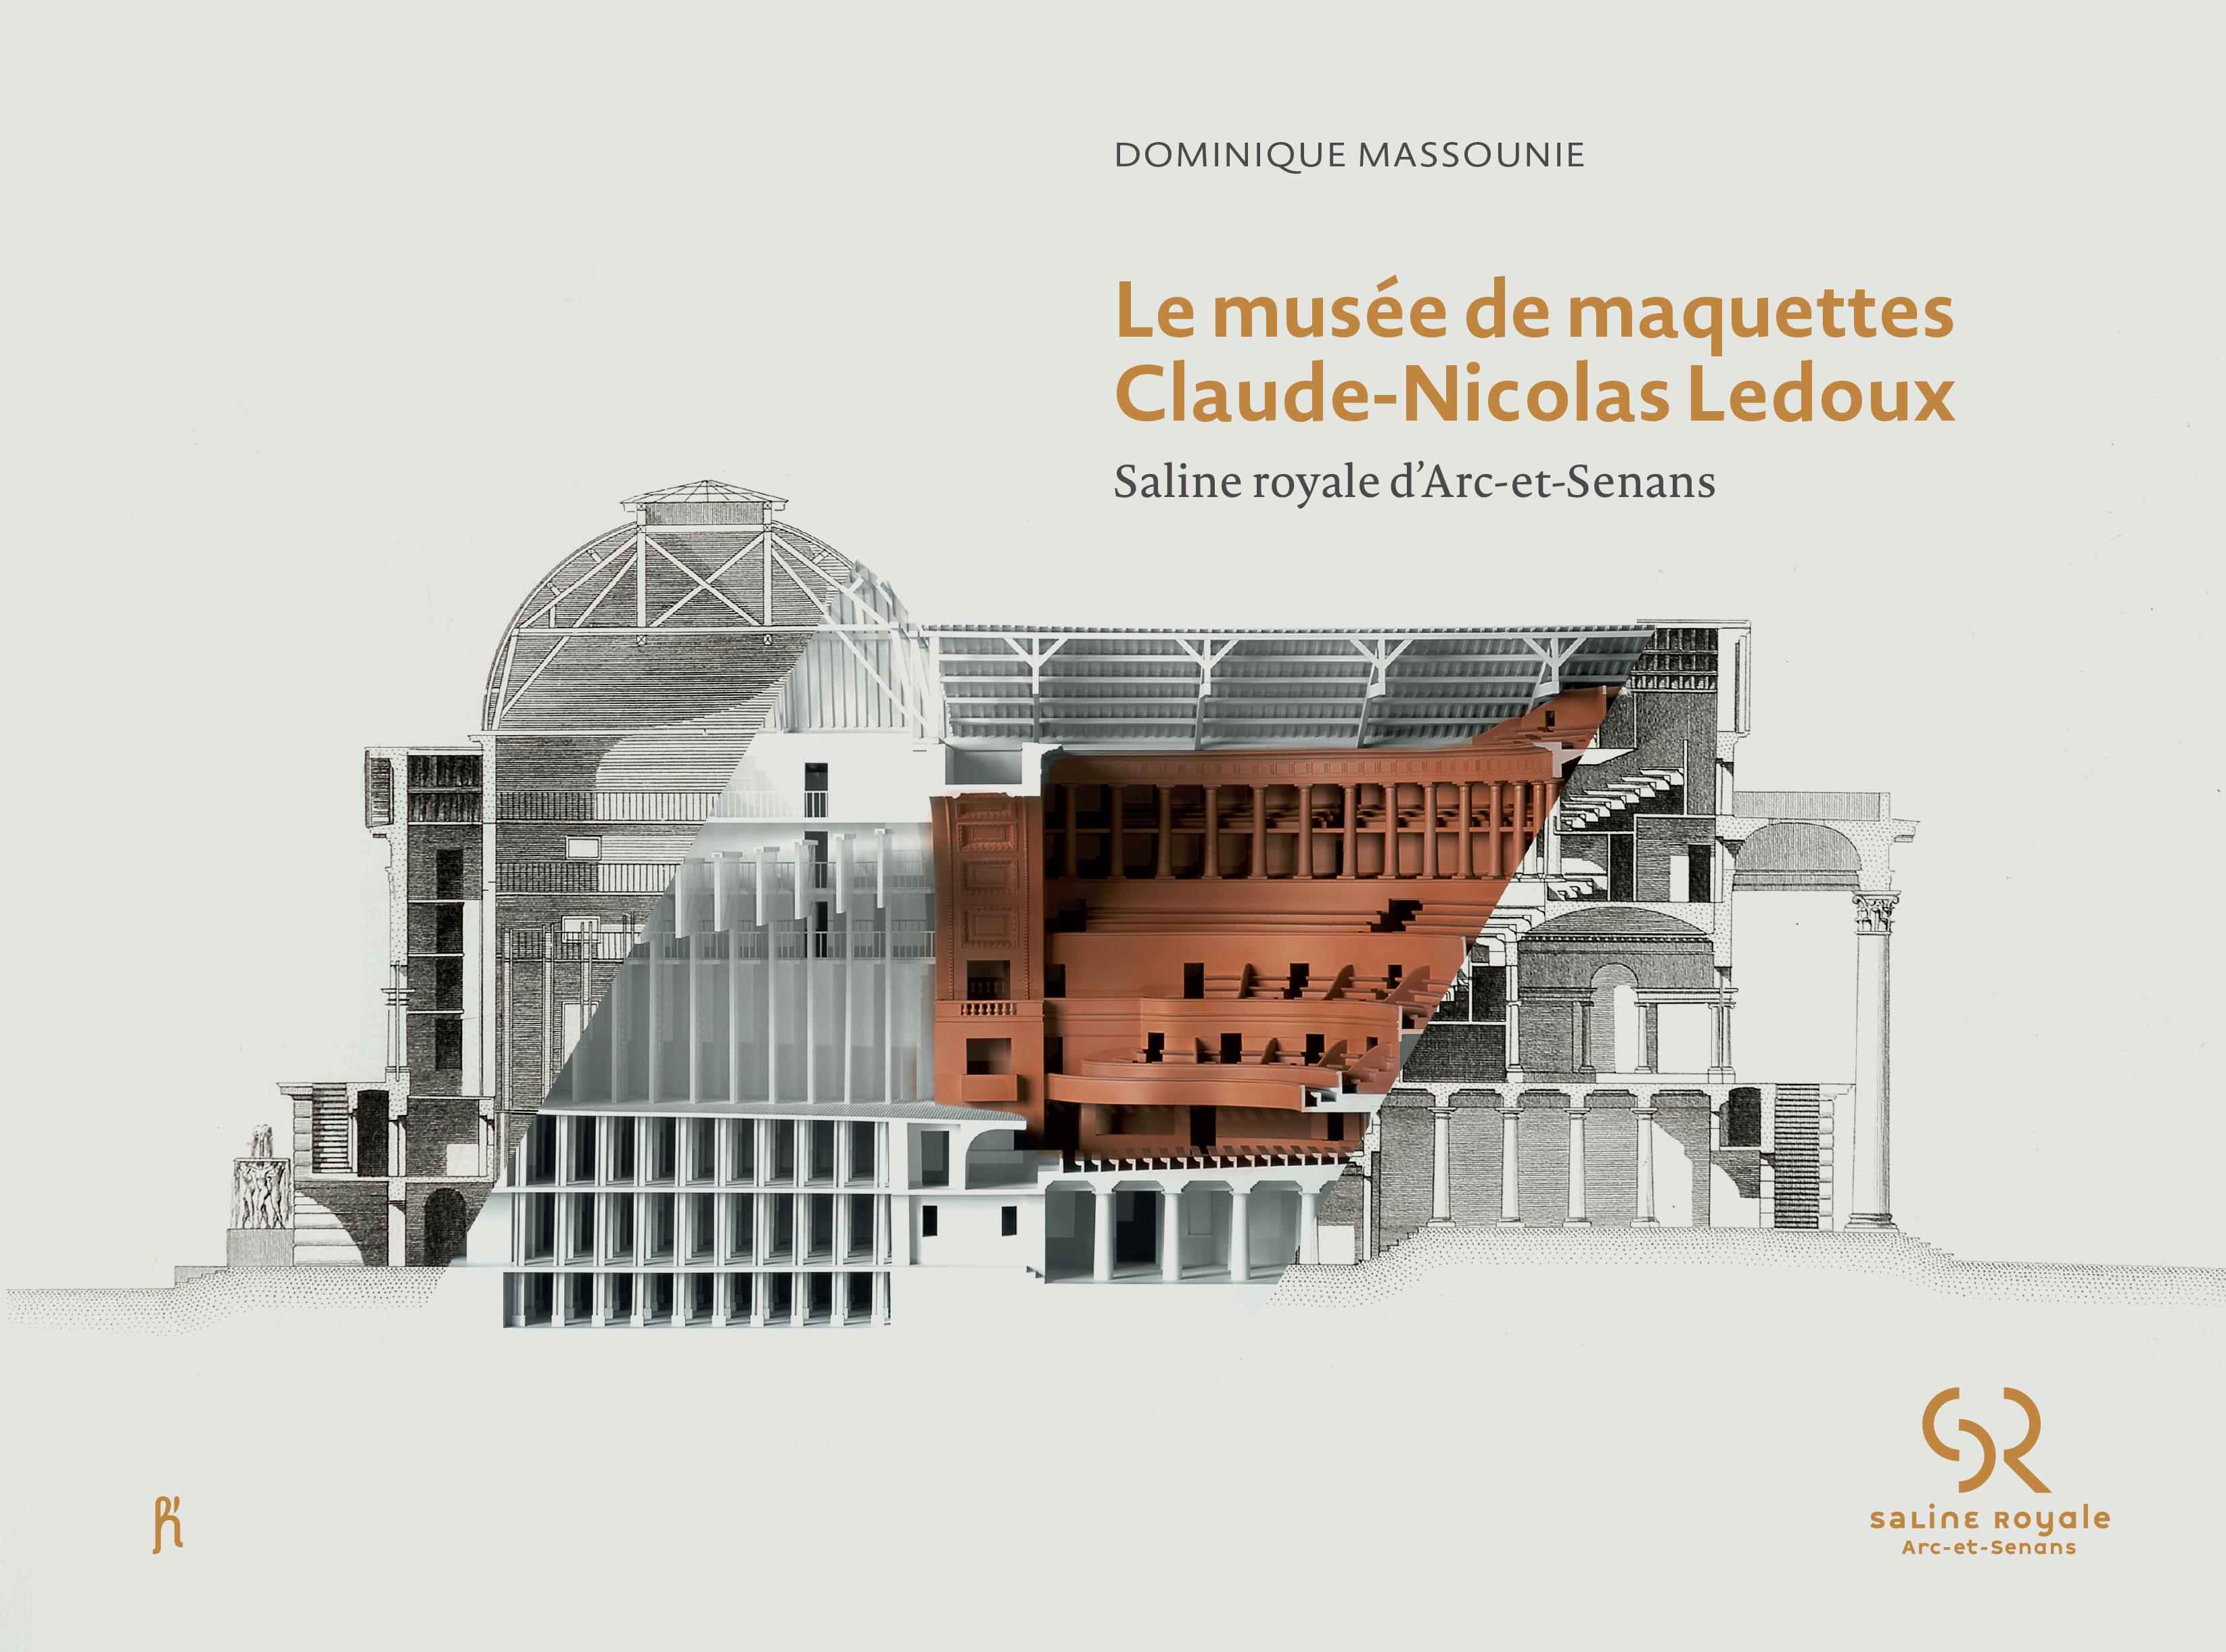 LE MUSEE DE MAQUETTES CLAUDE-NICOLAS LEDOUX - SALINE ROYALE D ARC-ET-SENANS